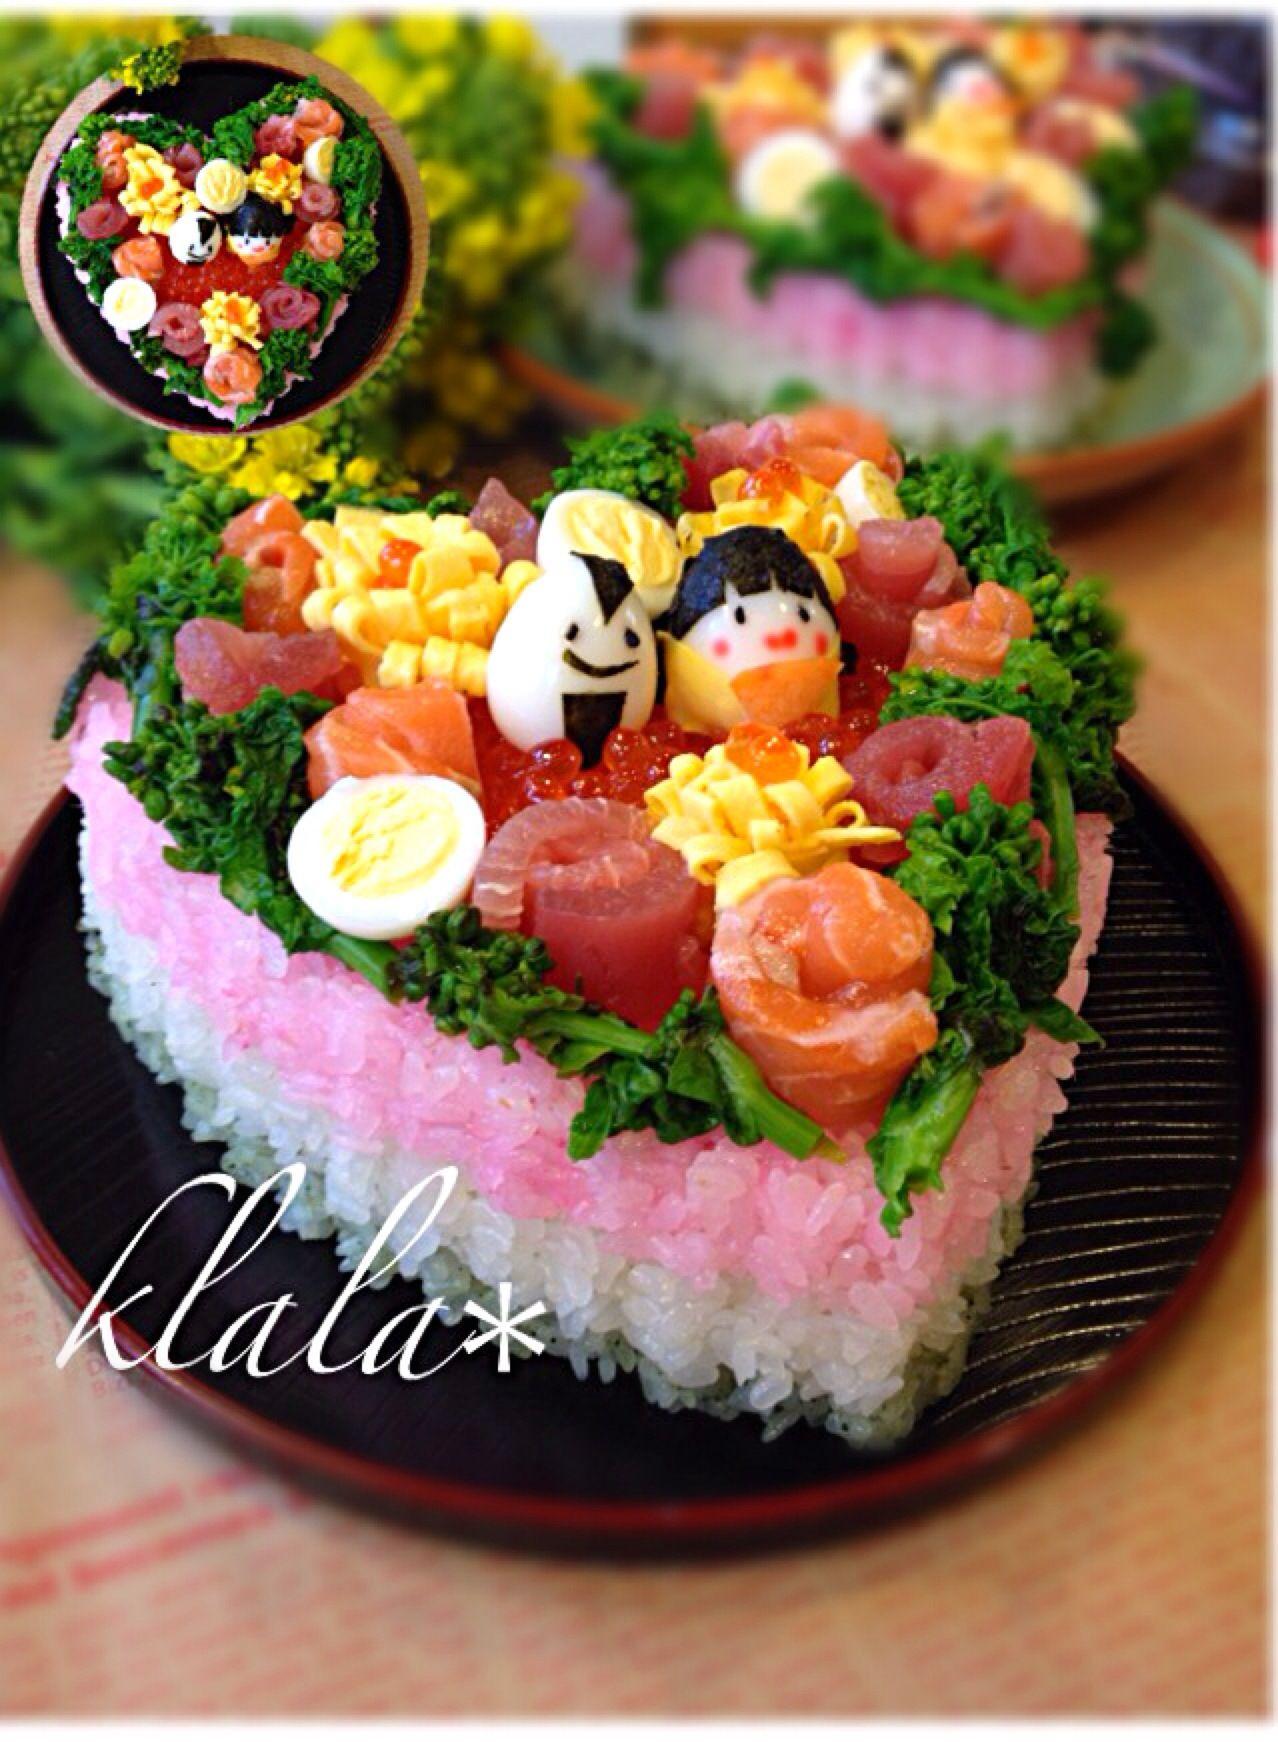 くらら's dish photo の雛寿司   http://snapdish.co #SnapDish #ひな祭り お寿司グランプリ #晩ご飯 #ひな祭り #お寿司